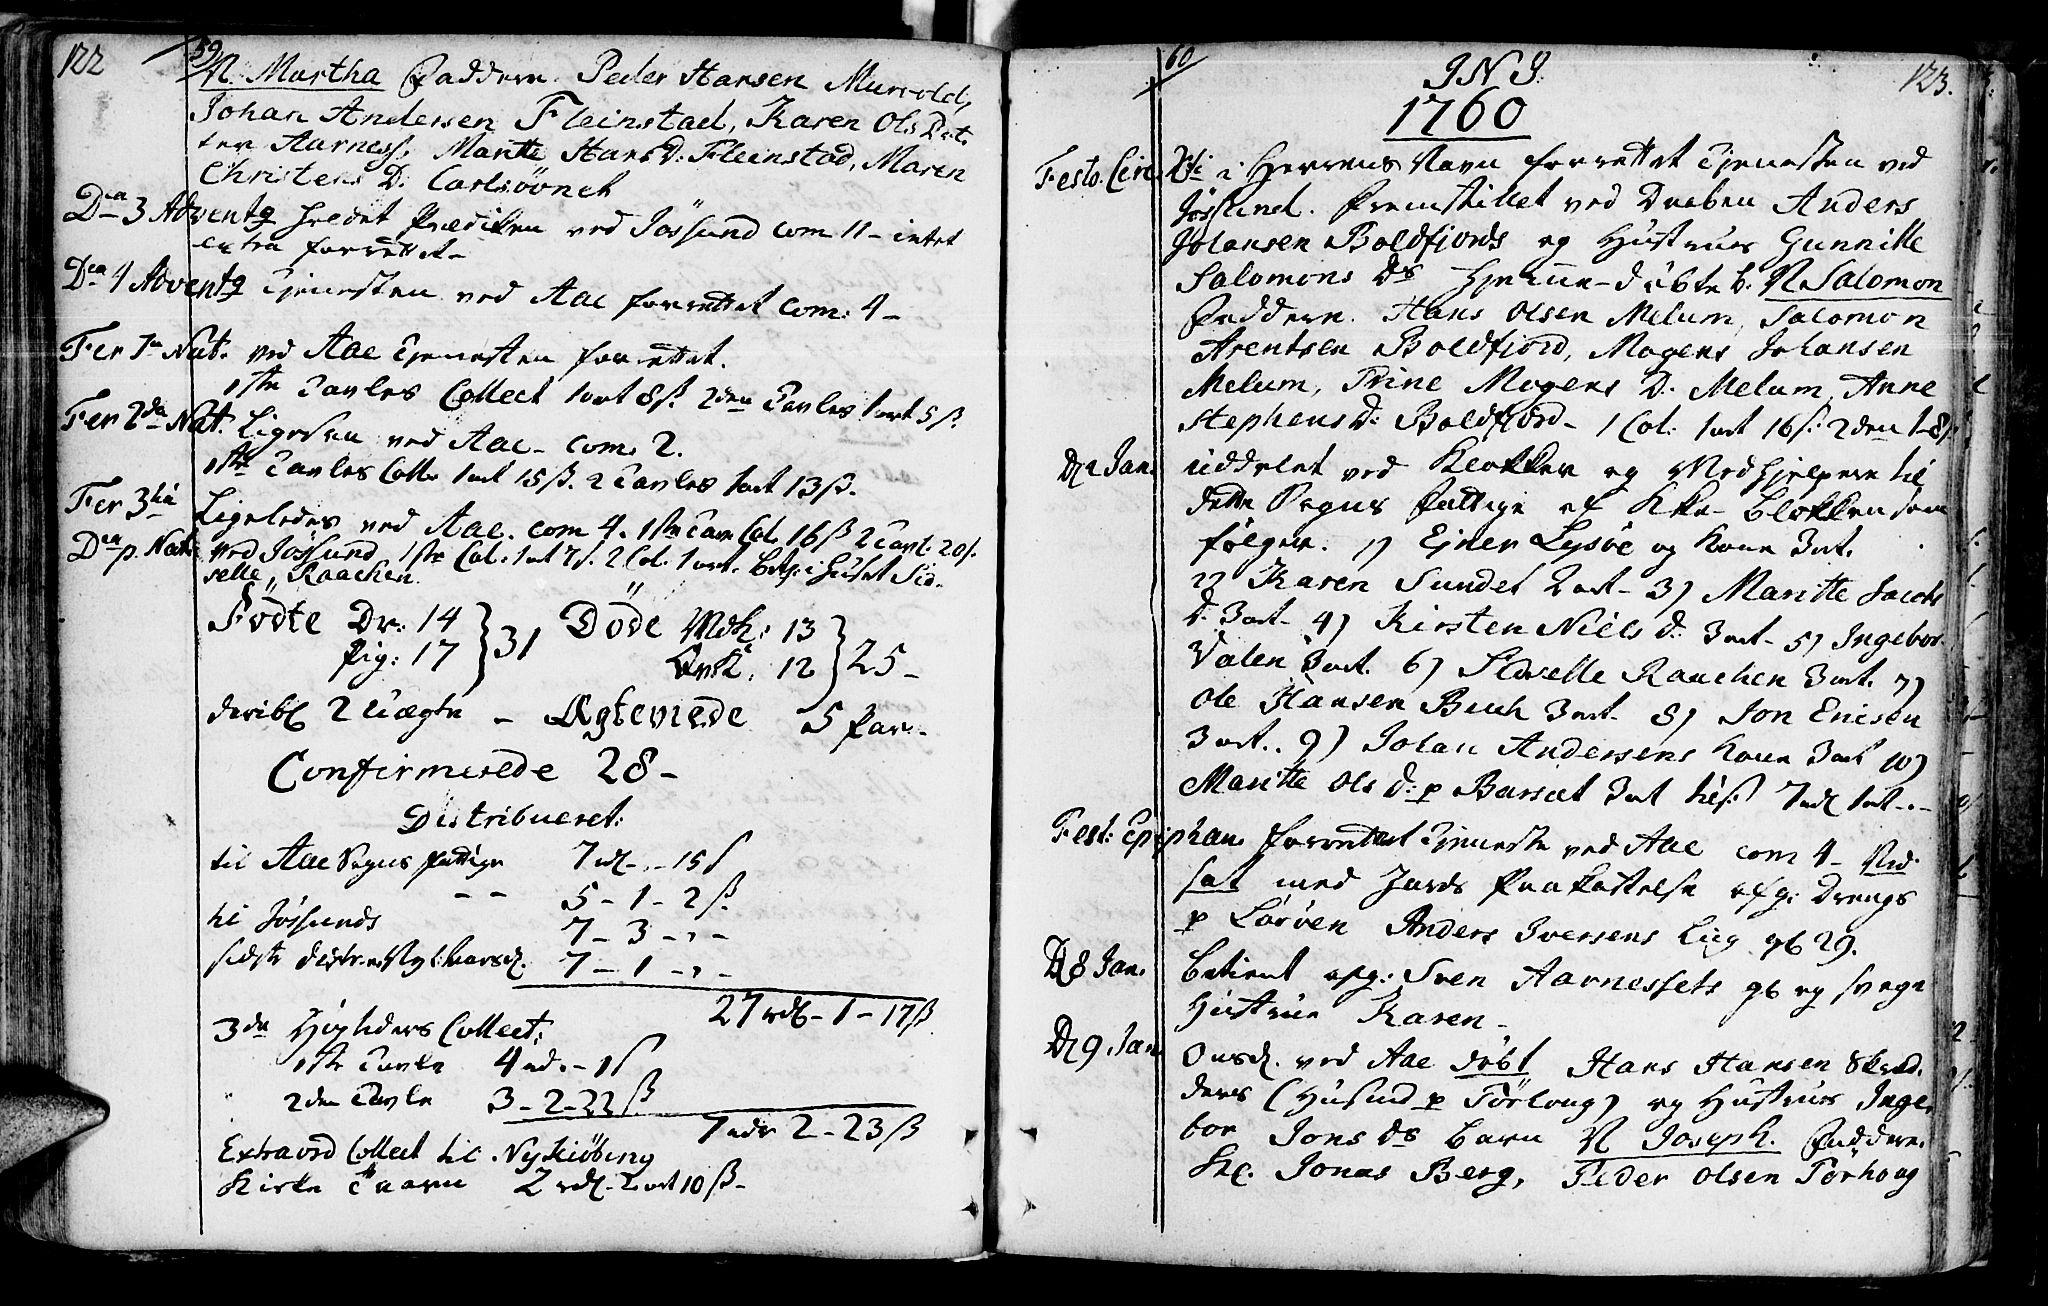 SAT, Ministerialprotokoller, klokkerbøker og fødselsregistre - Sør-Trøndelag, 655/L0672: Ministerialbok nr. 655A01, 1750-1779, s. 122-123